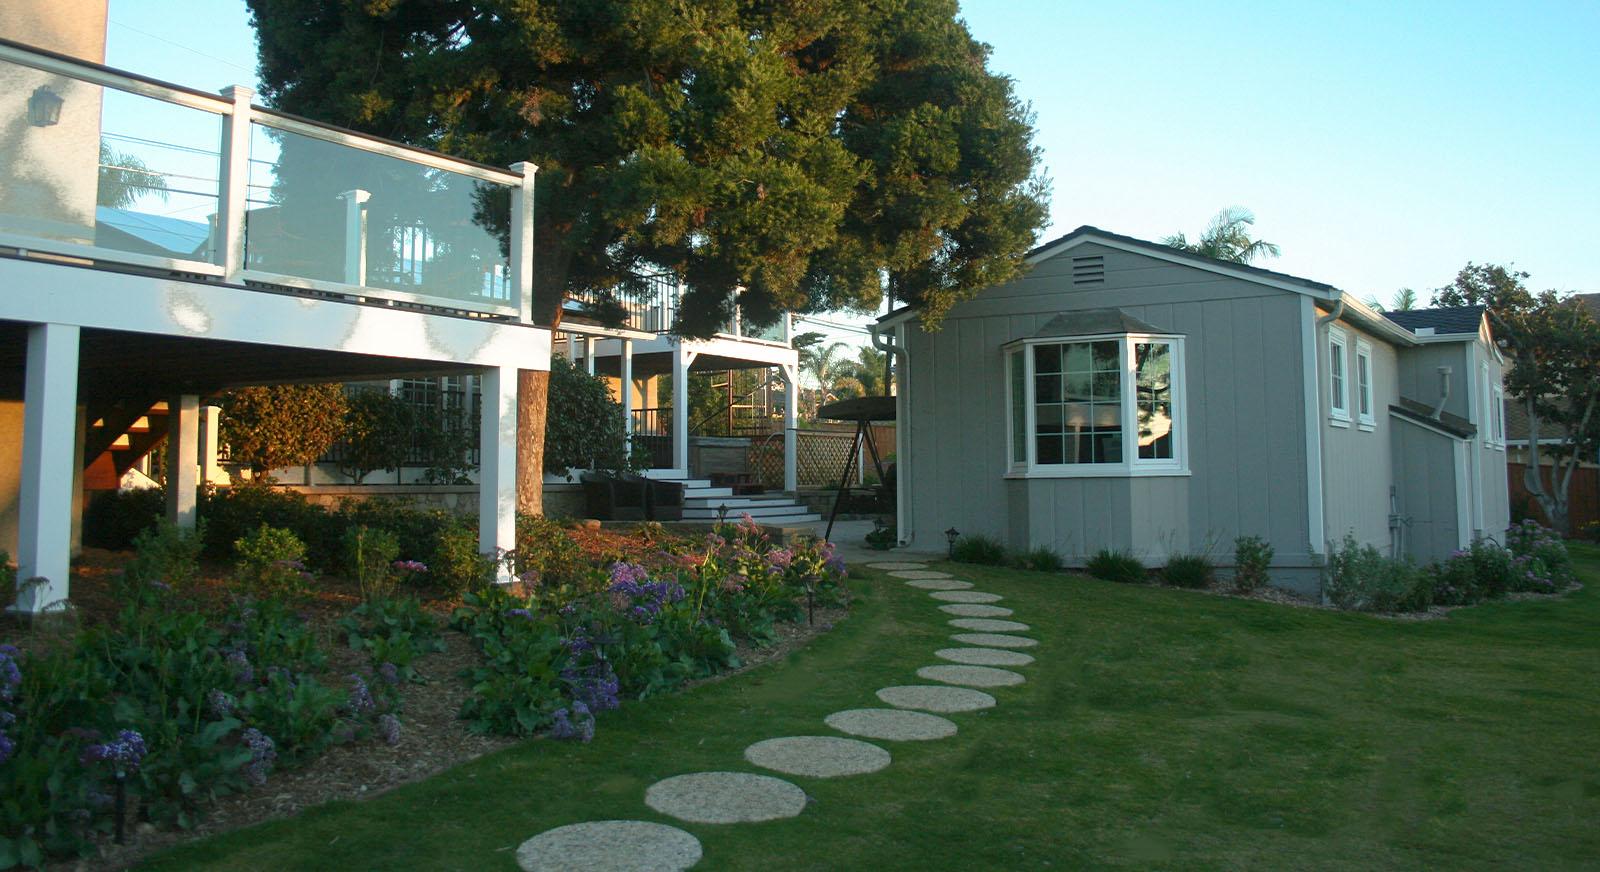 Cross Construction Backyard Stone Path, Accessory Dwelling Unit